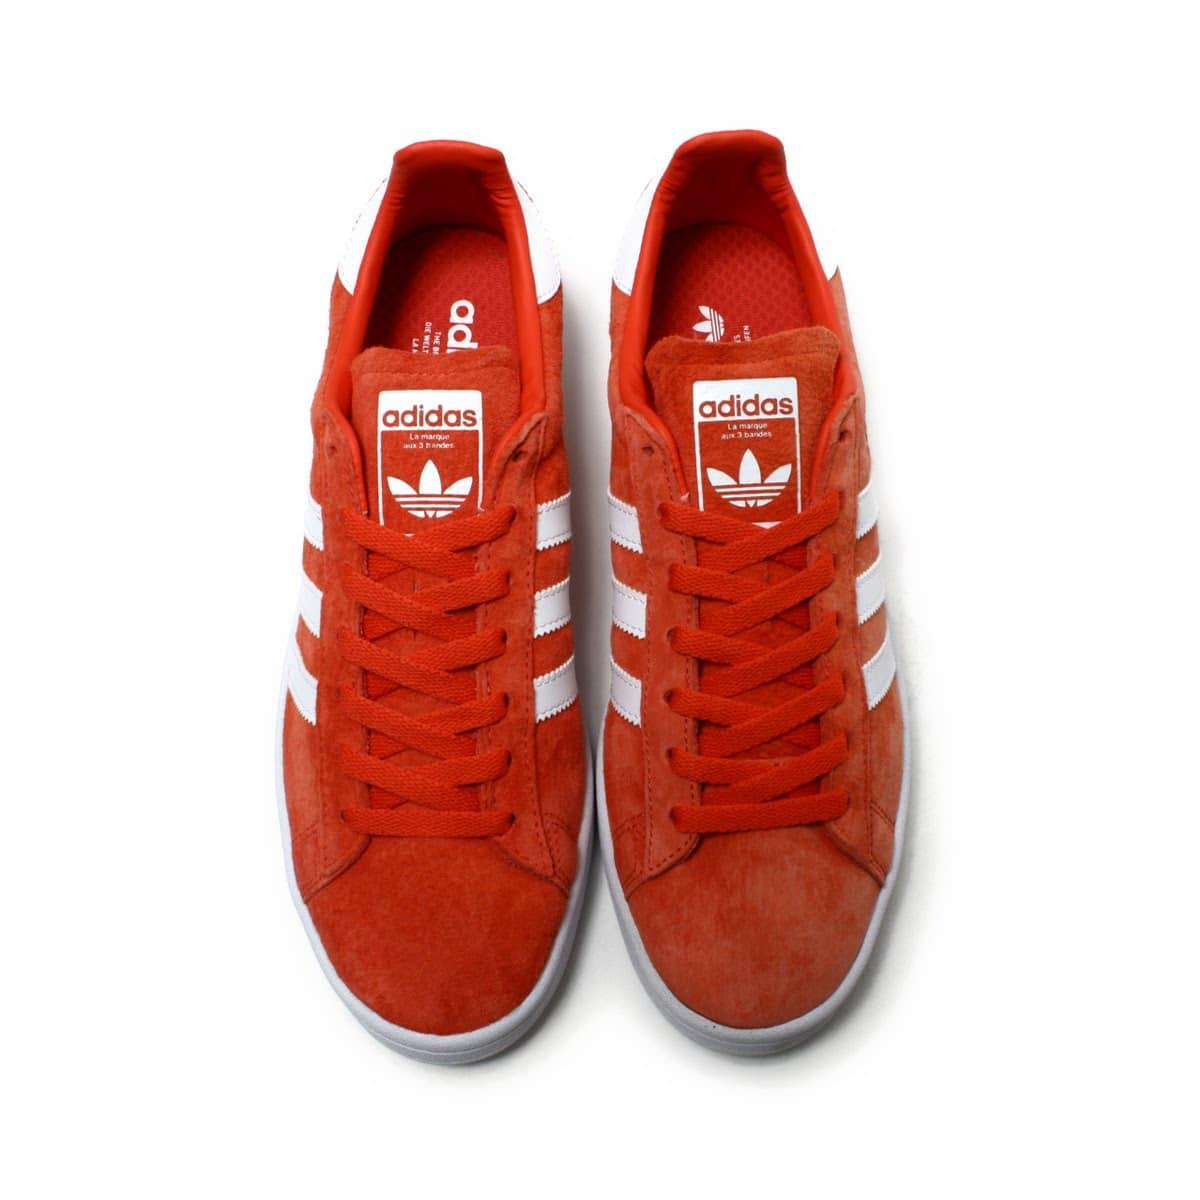 adidas Originals CAMPUS Trace Scarlet